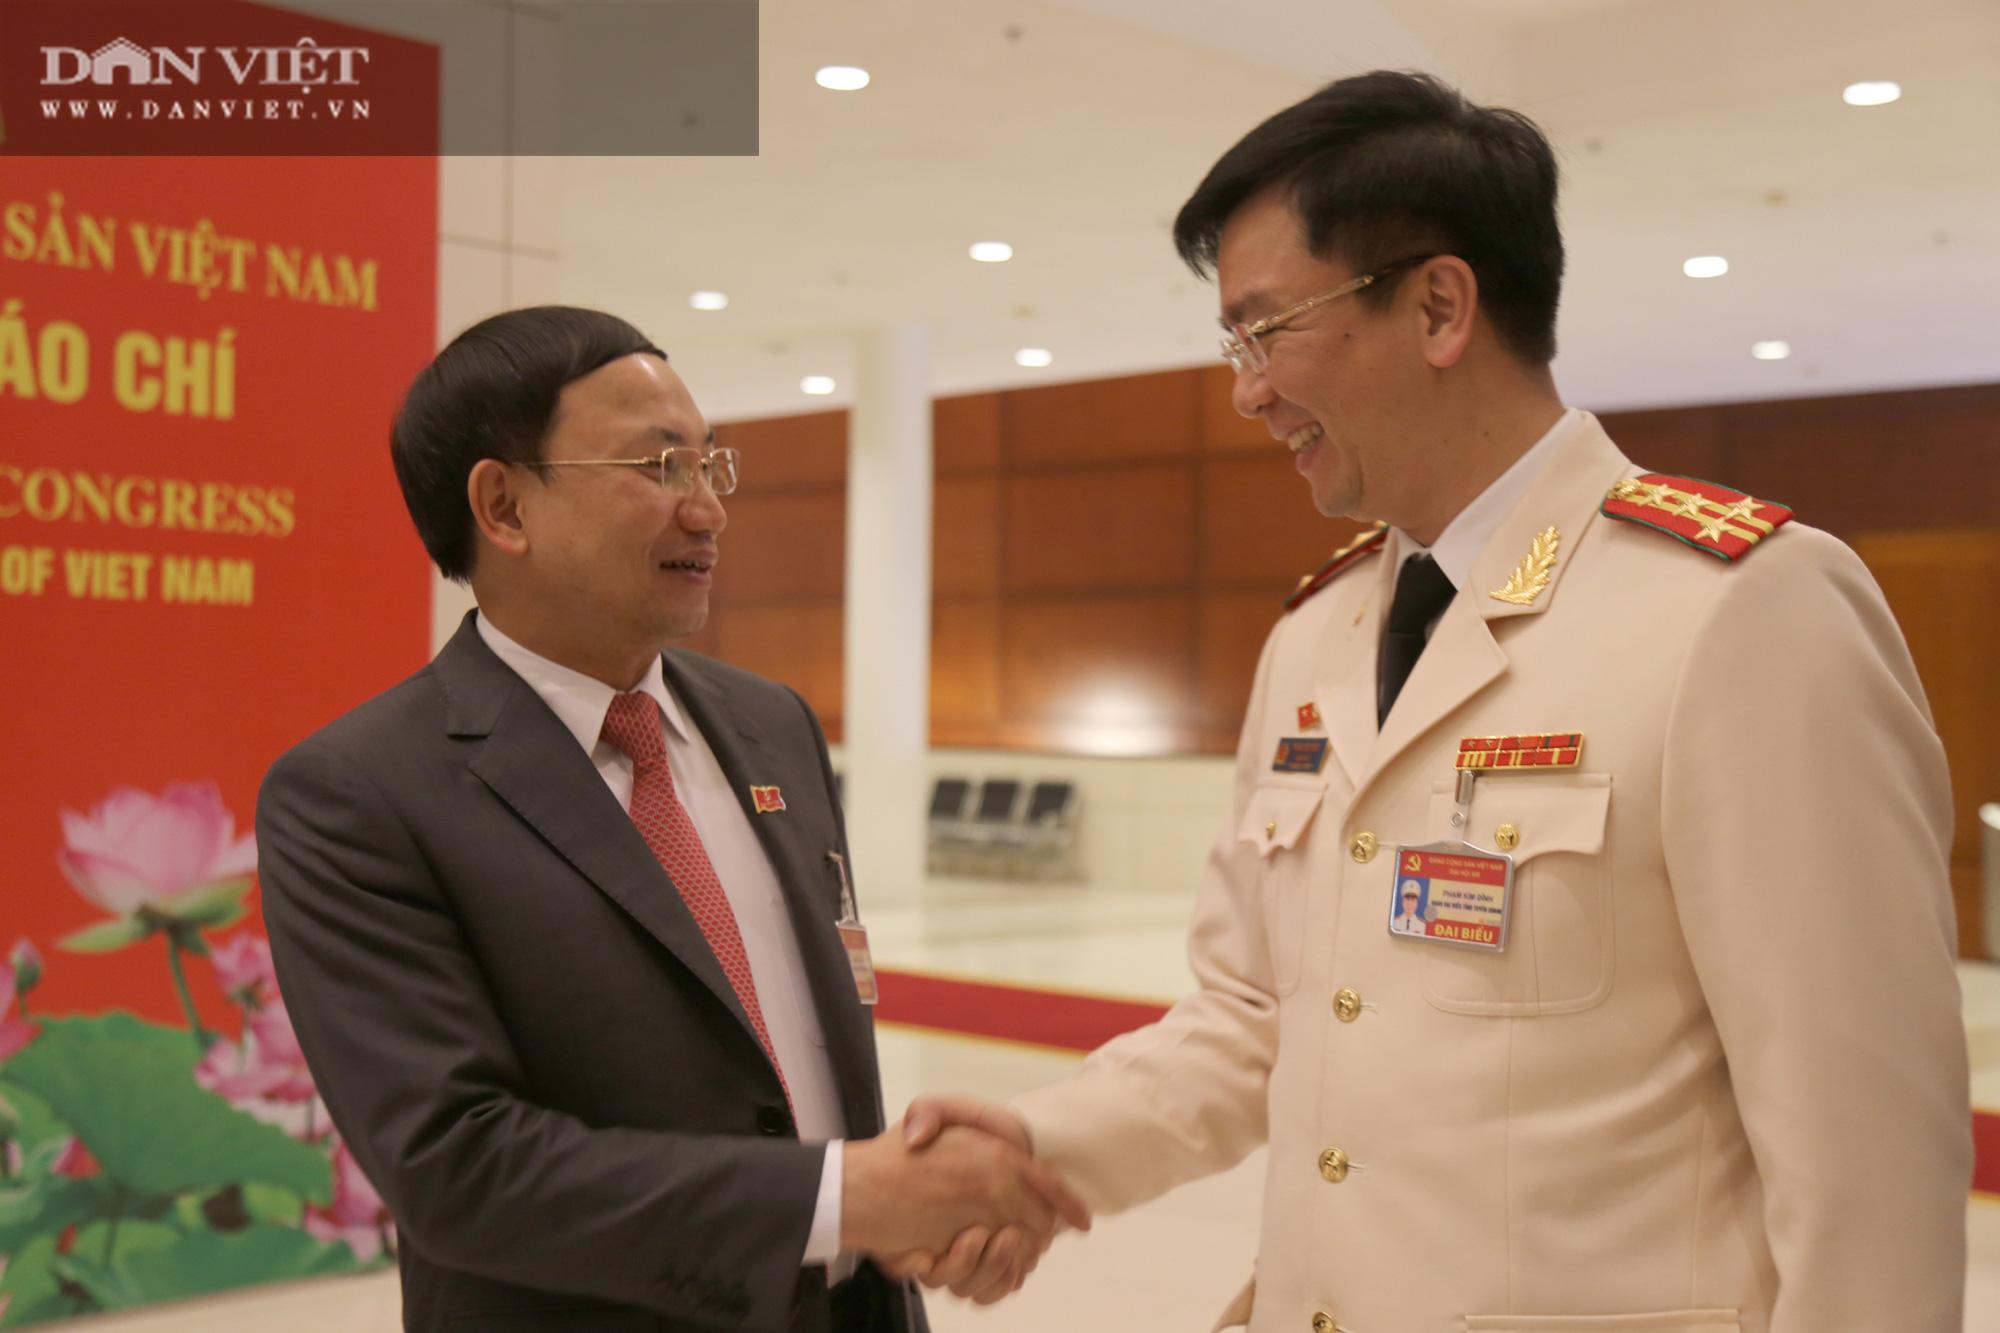 Ảnh: Niềm vui của các đại biểu trúng cử Ban Chấp hành Trung ương khóa XIII  - Ảnh 1.